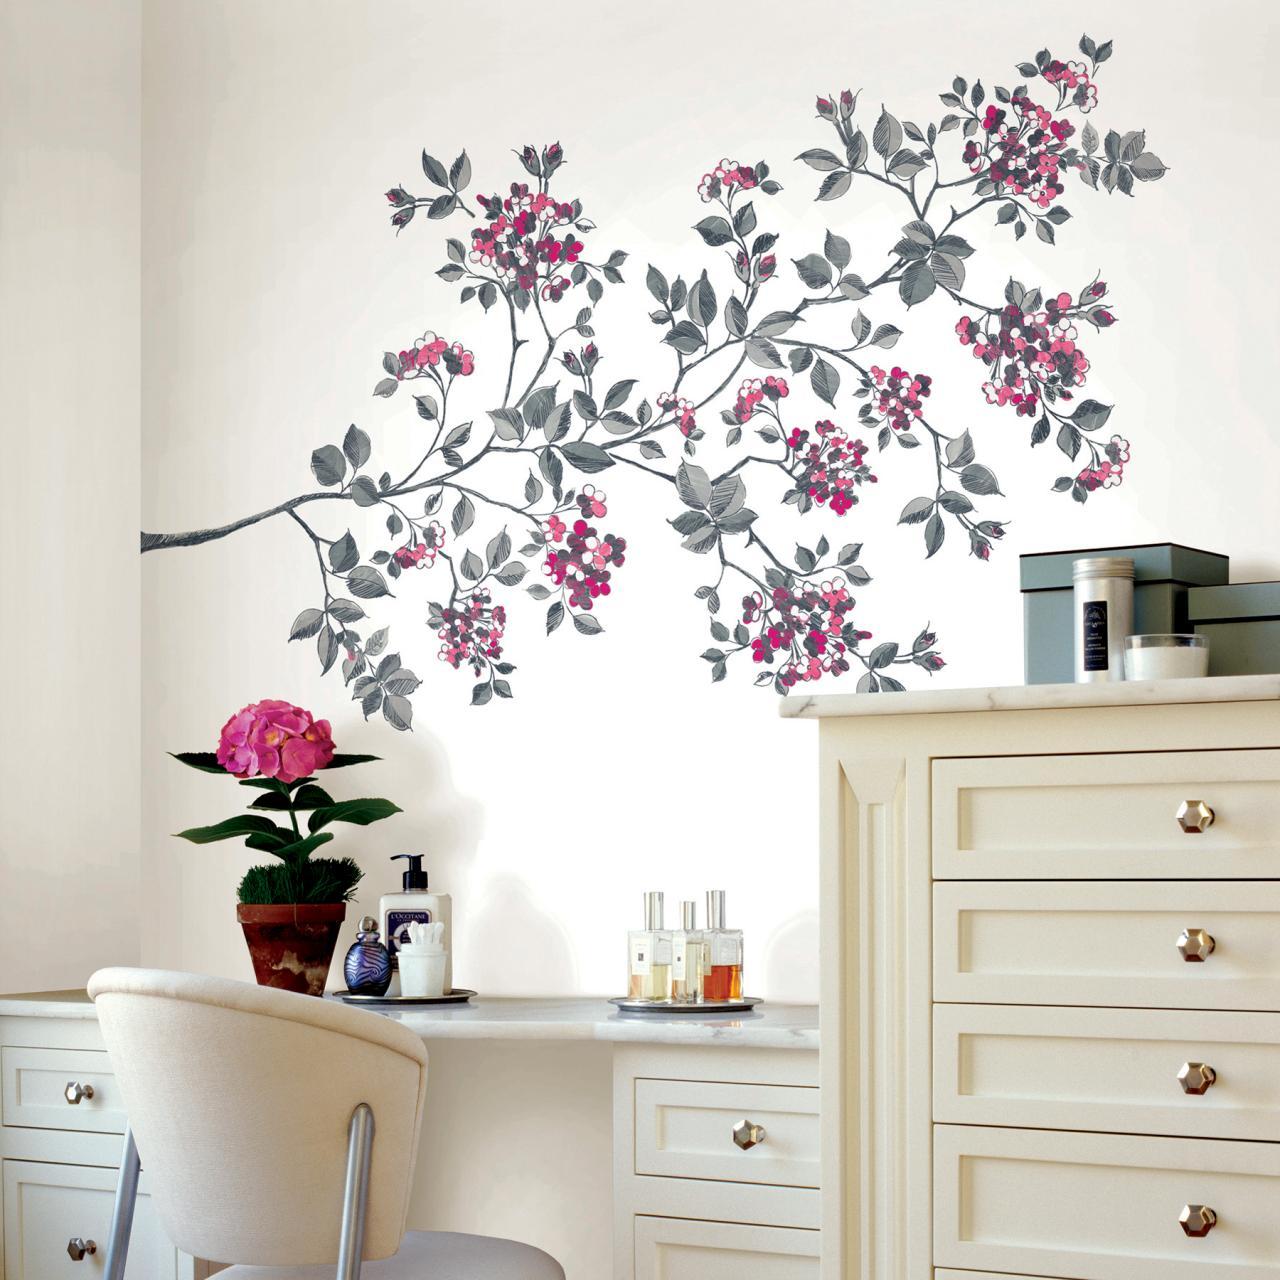 صورة رسومات حائط لغرف النوم , لتزين غرف النوم باجمل الرسومات 2251 3